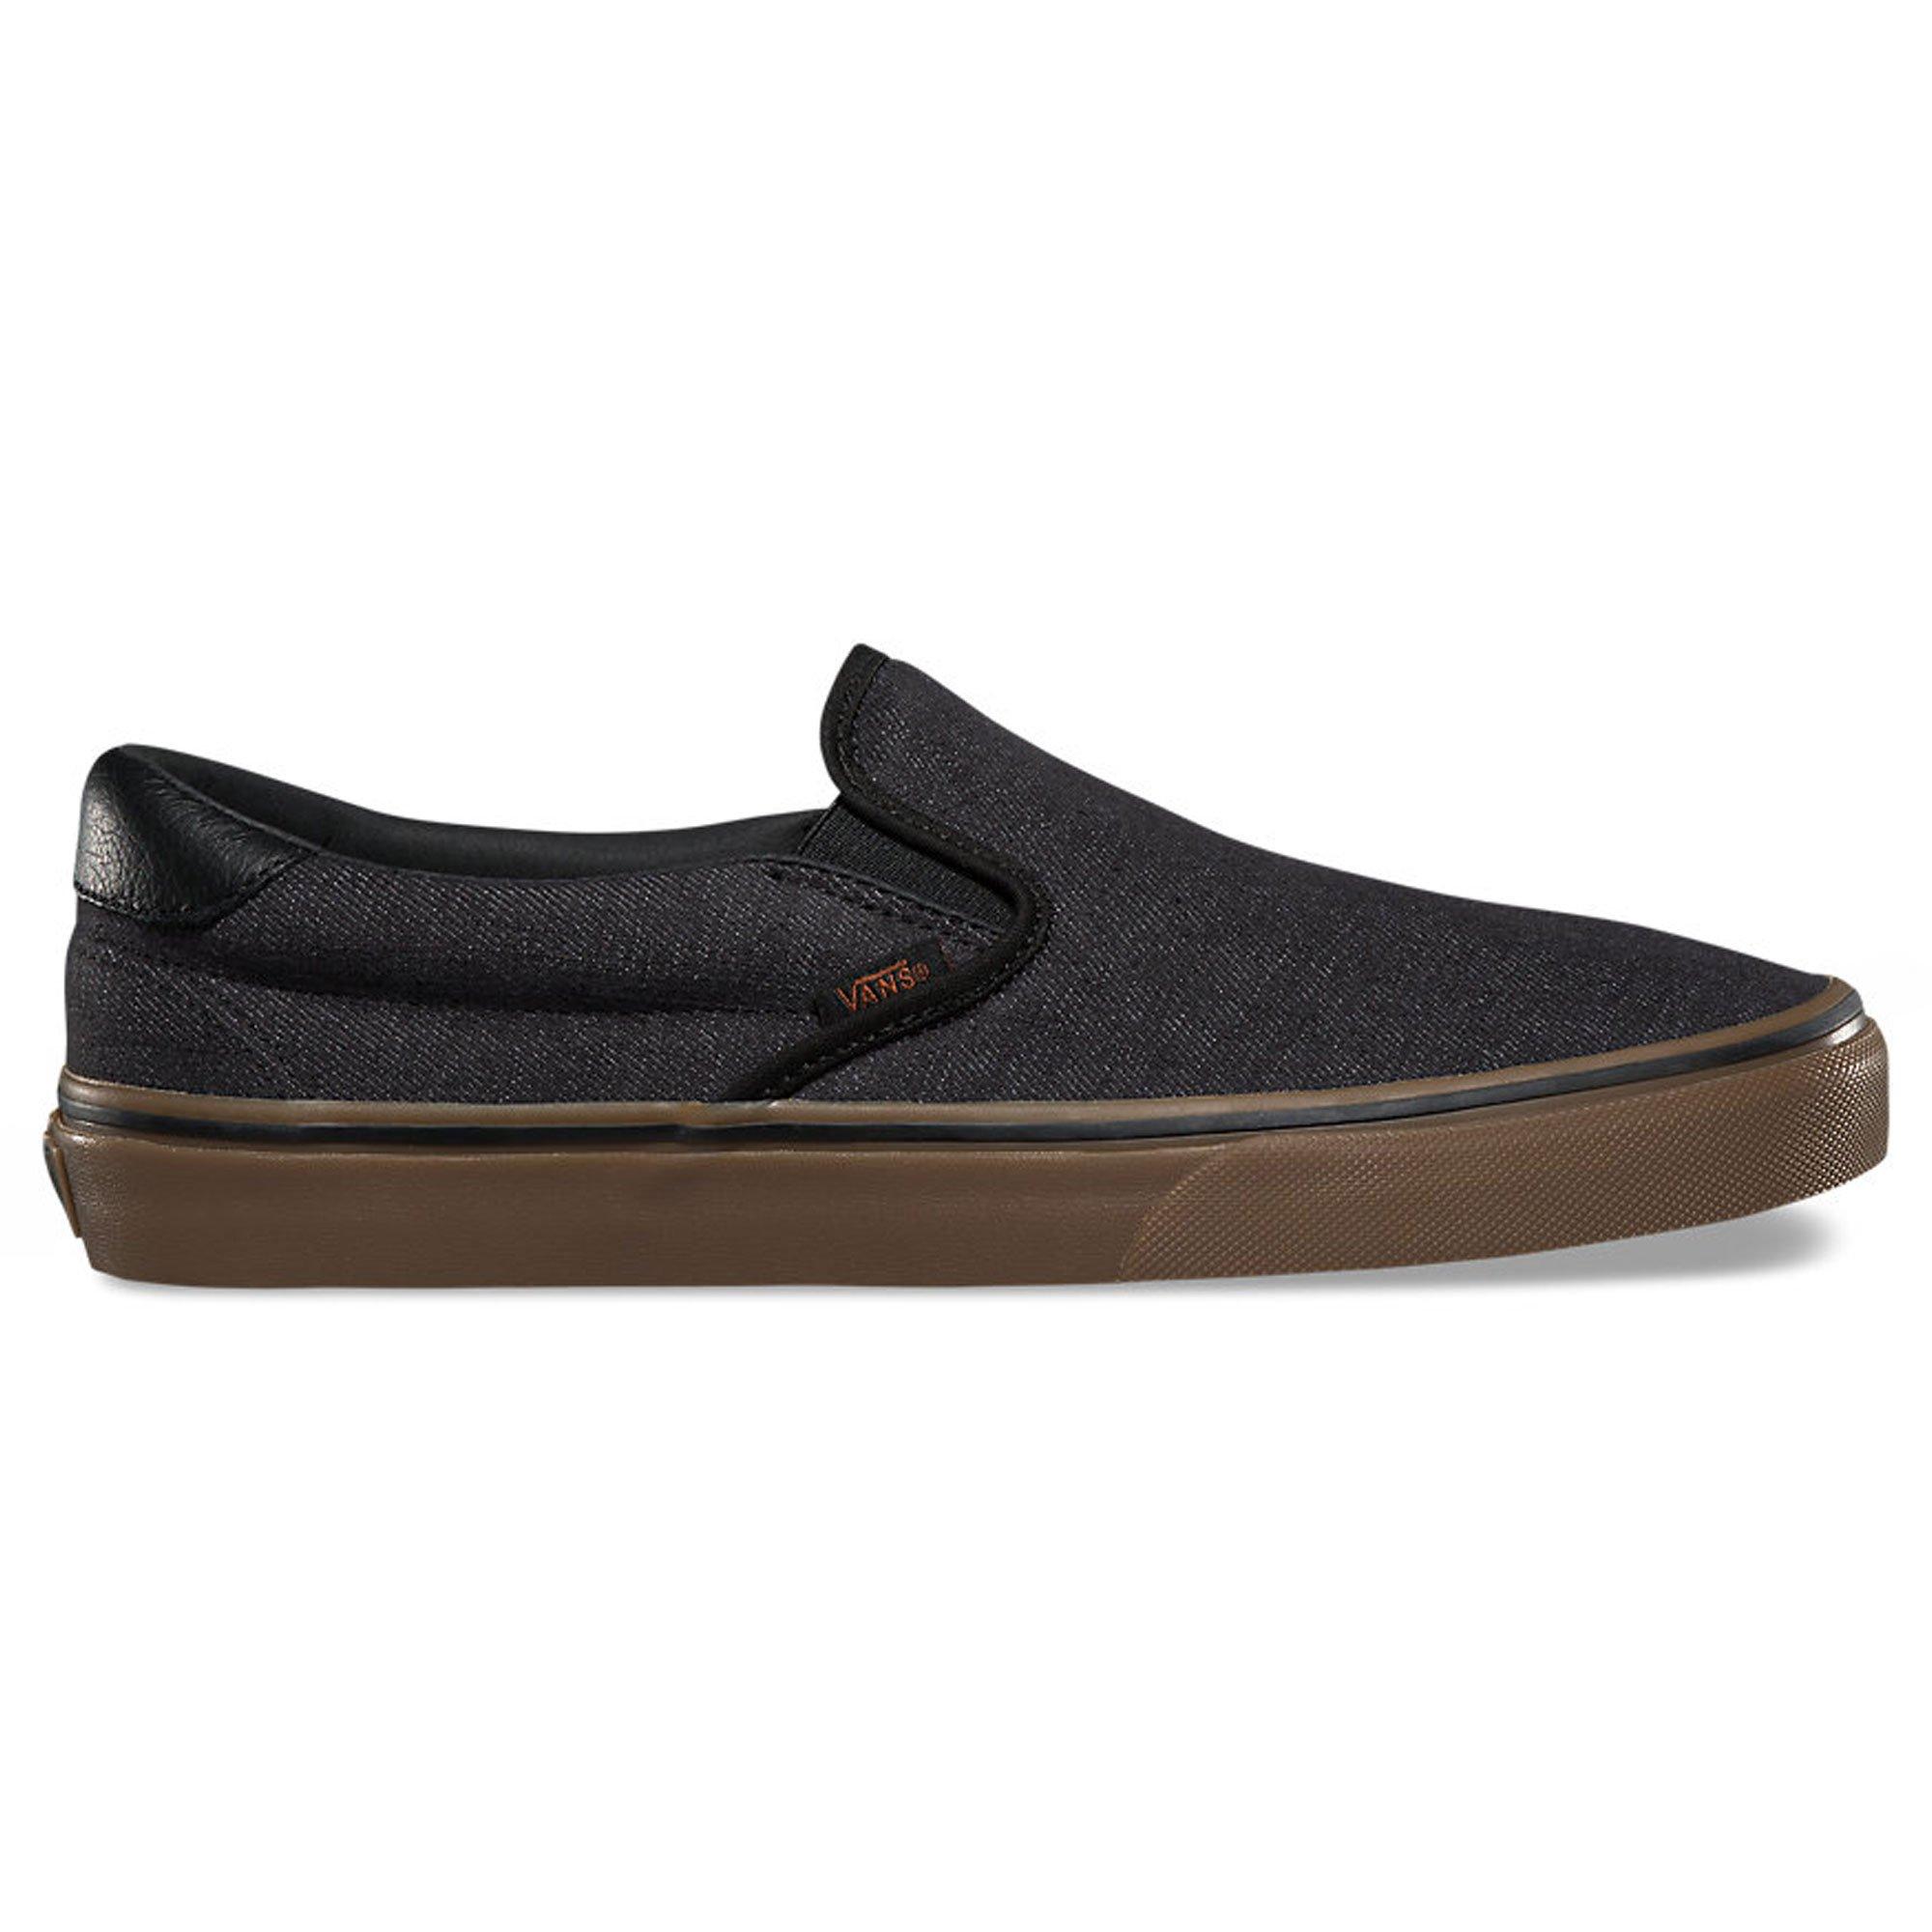 Vans Unisex Slip-On 59 (Denim C&L) Black/Gum Skate Shoe 9 Men US / 10.5 Women US